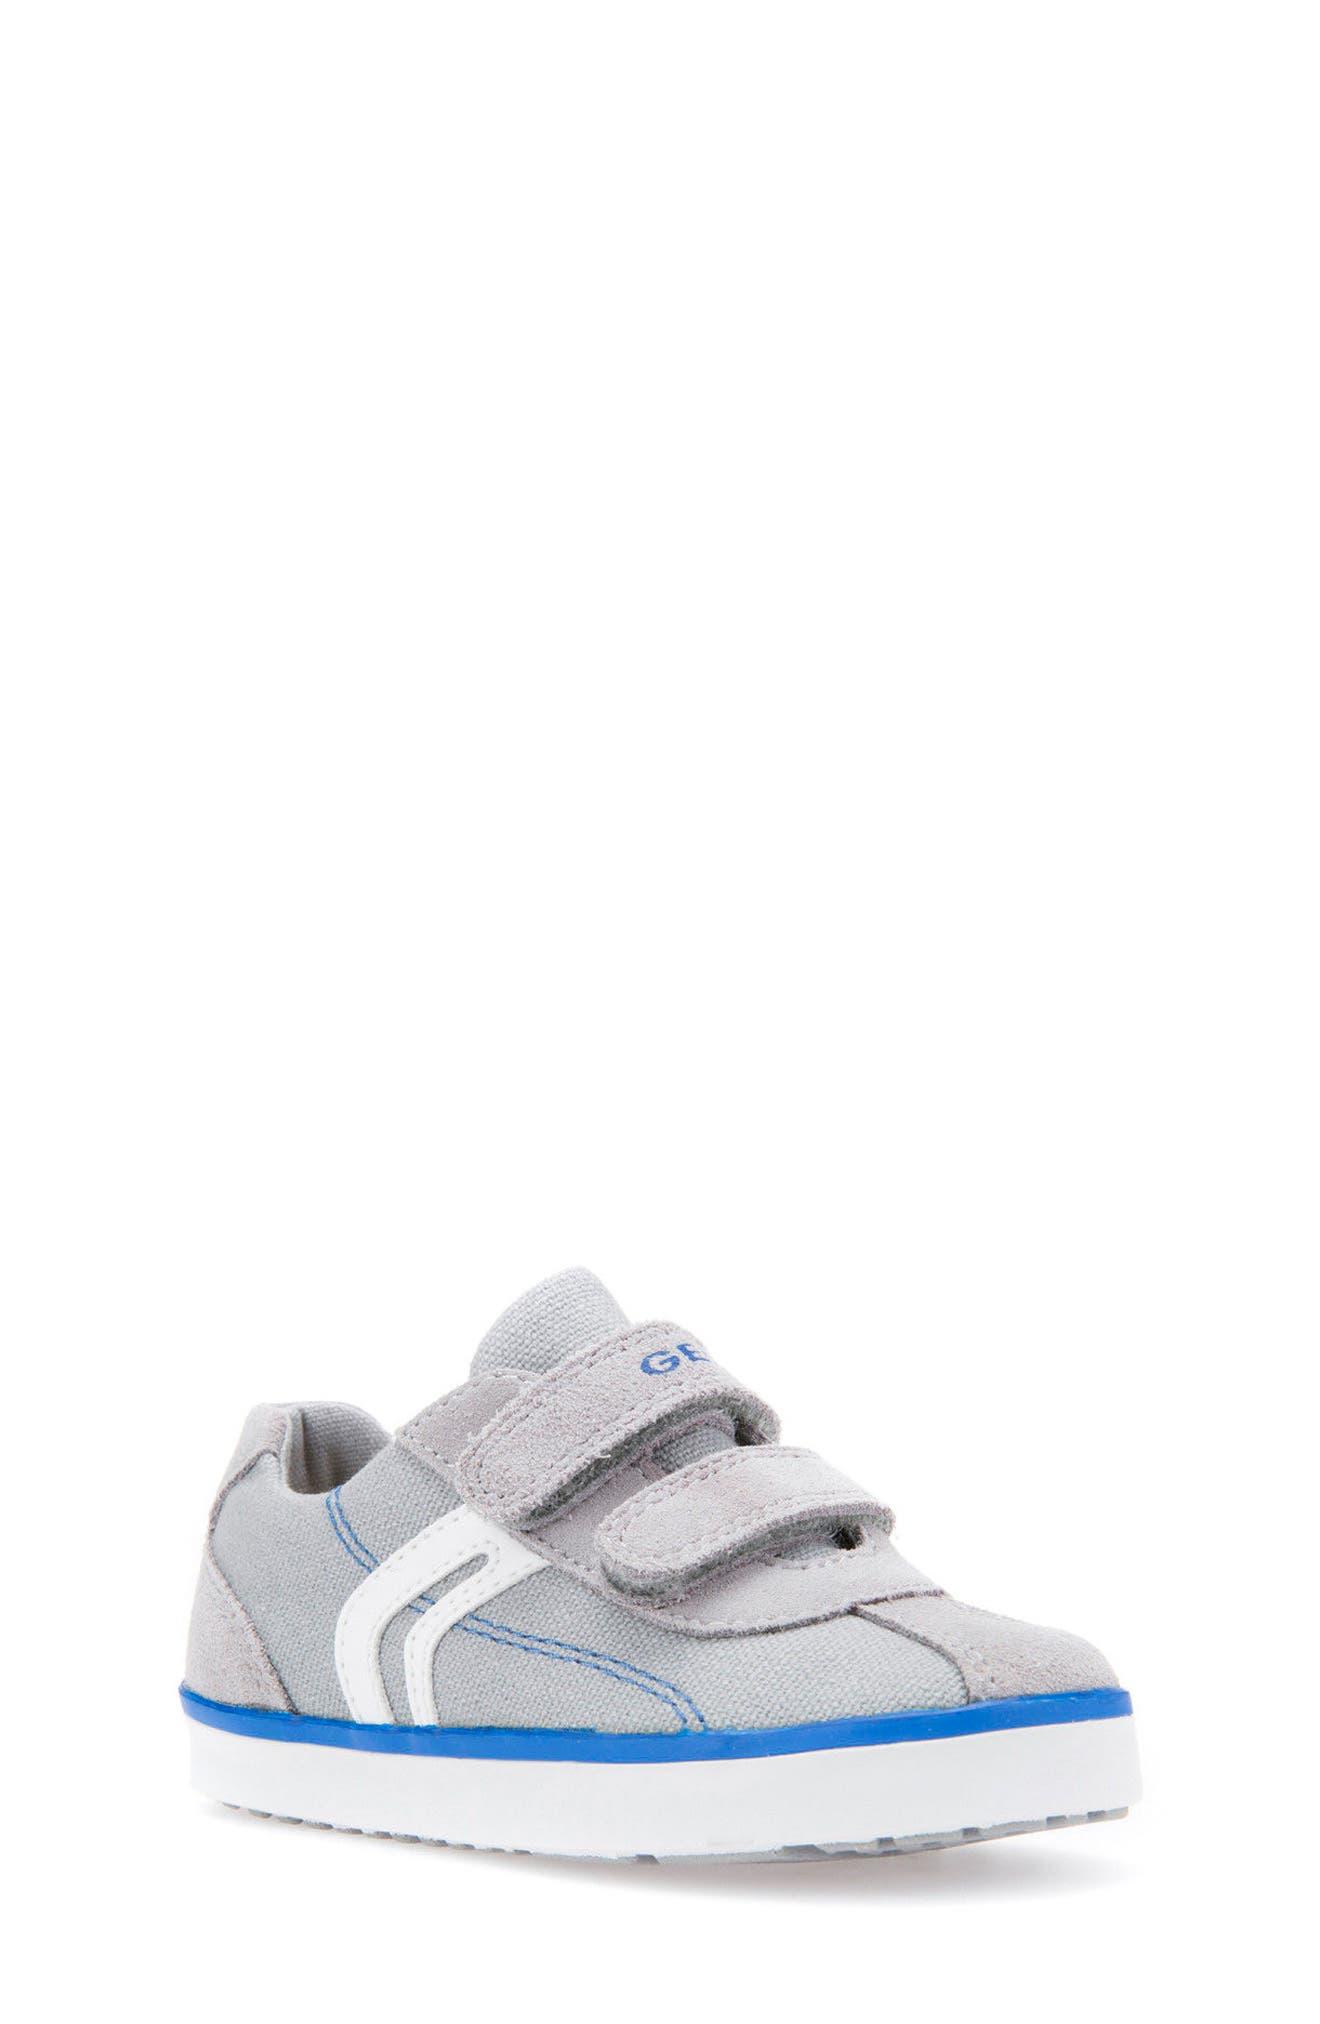 Kilwi Low Top Sneaker,                             Main thumbnail 1, color,                             Grey